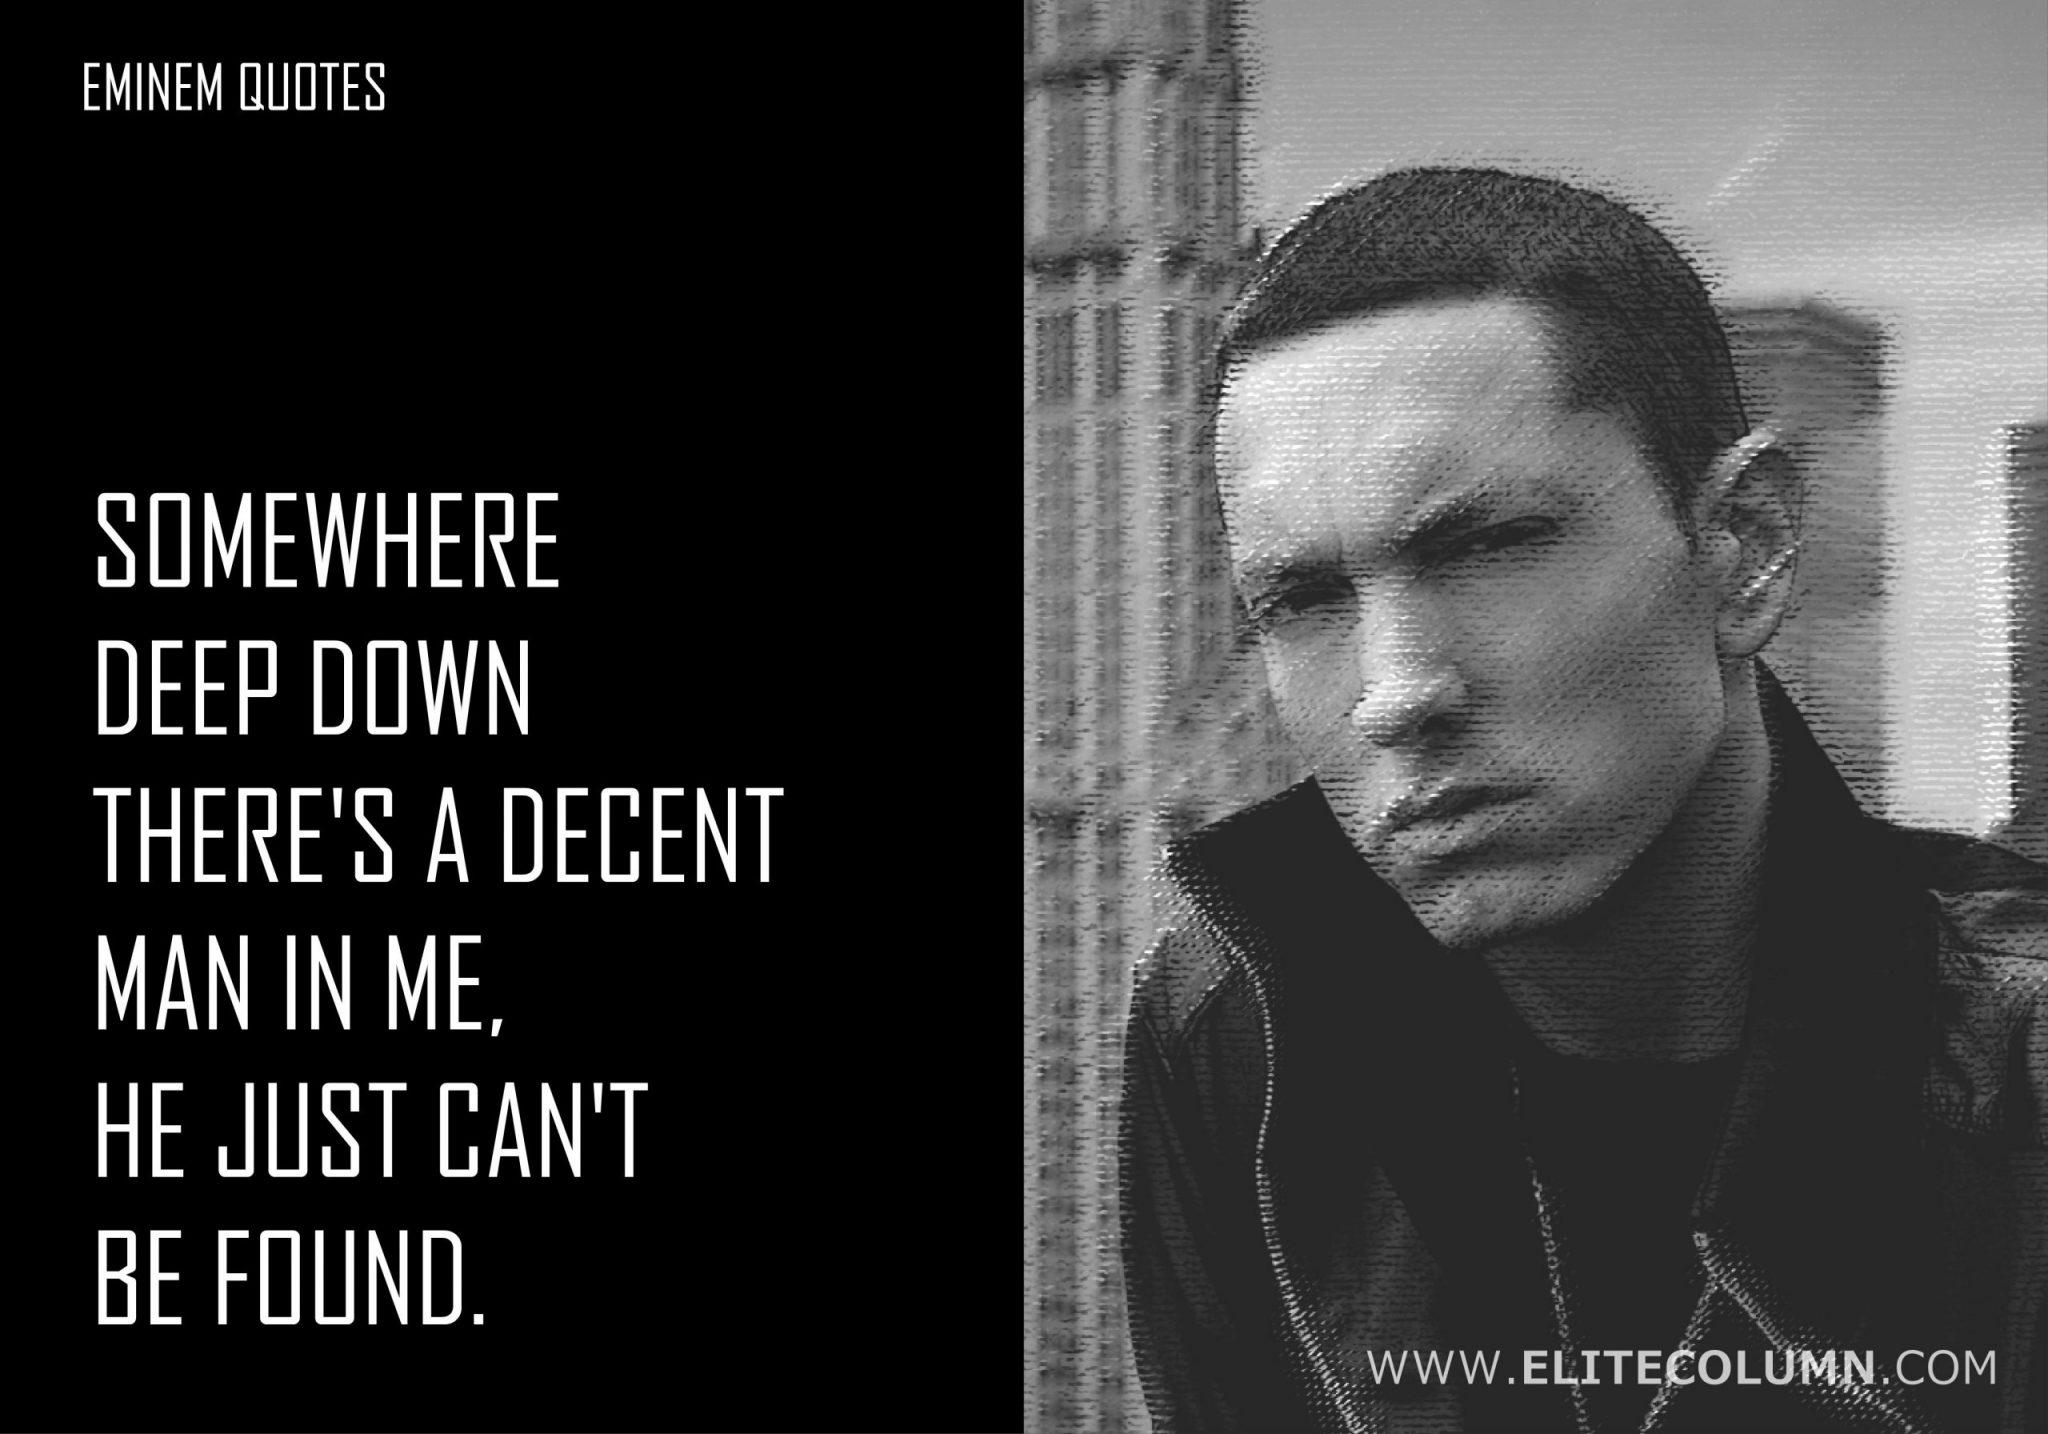 Eminem Quotes (5)